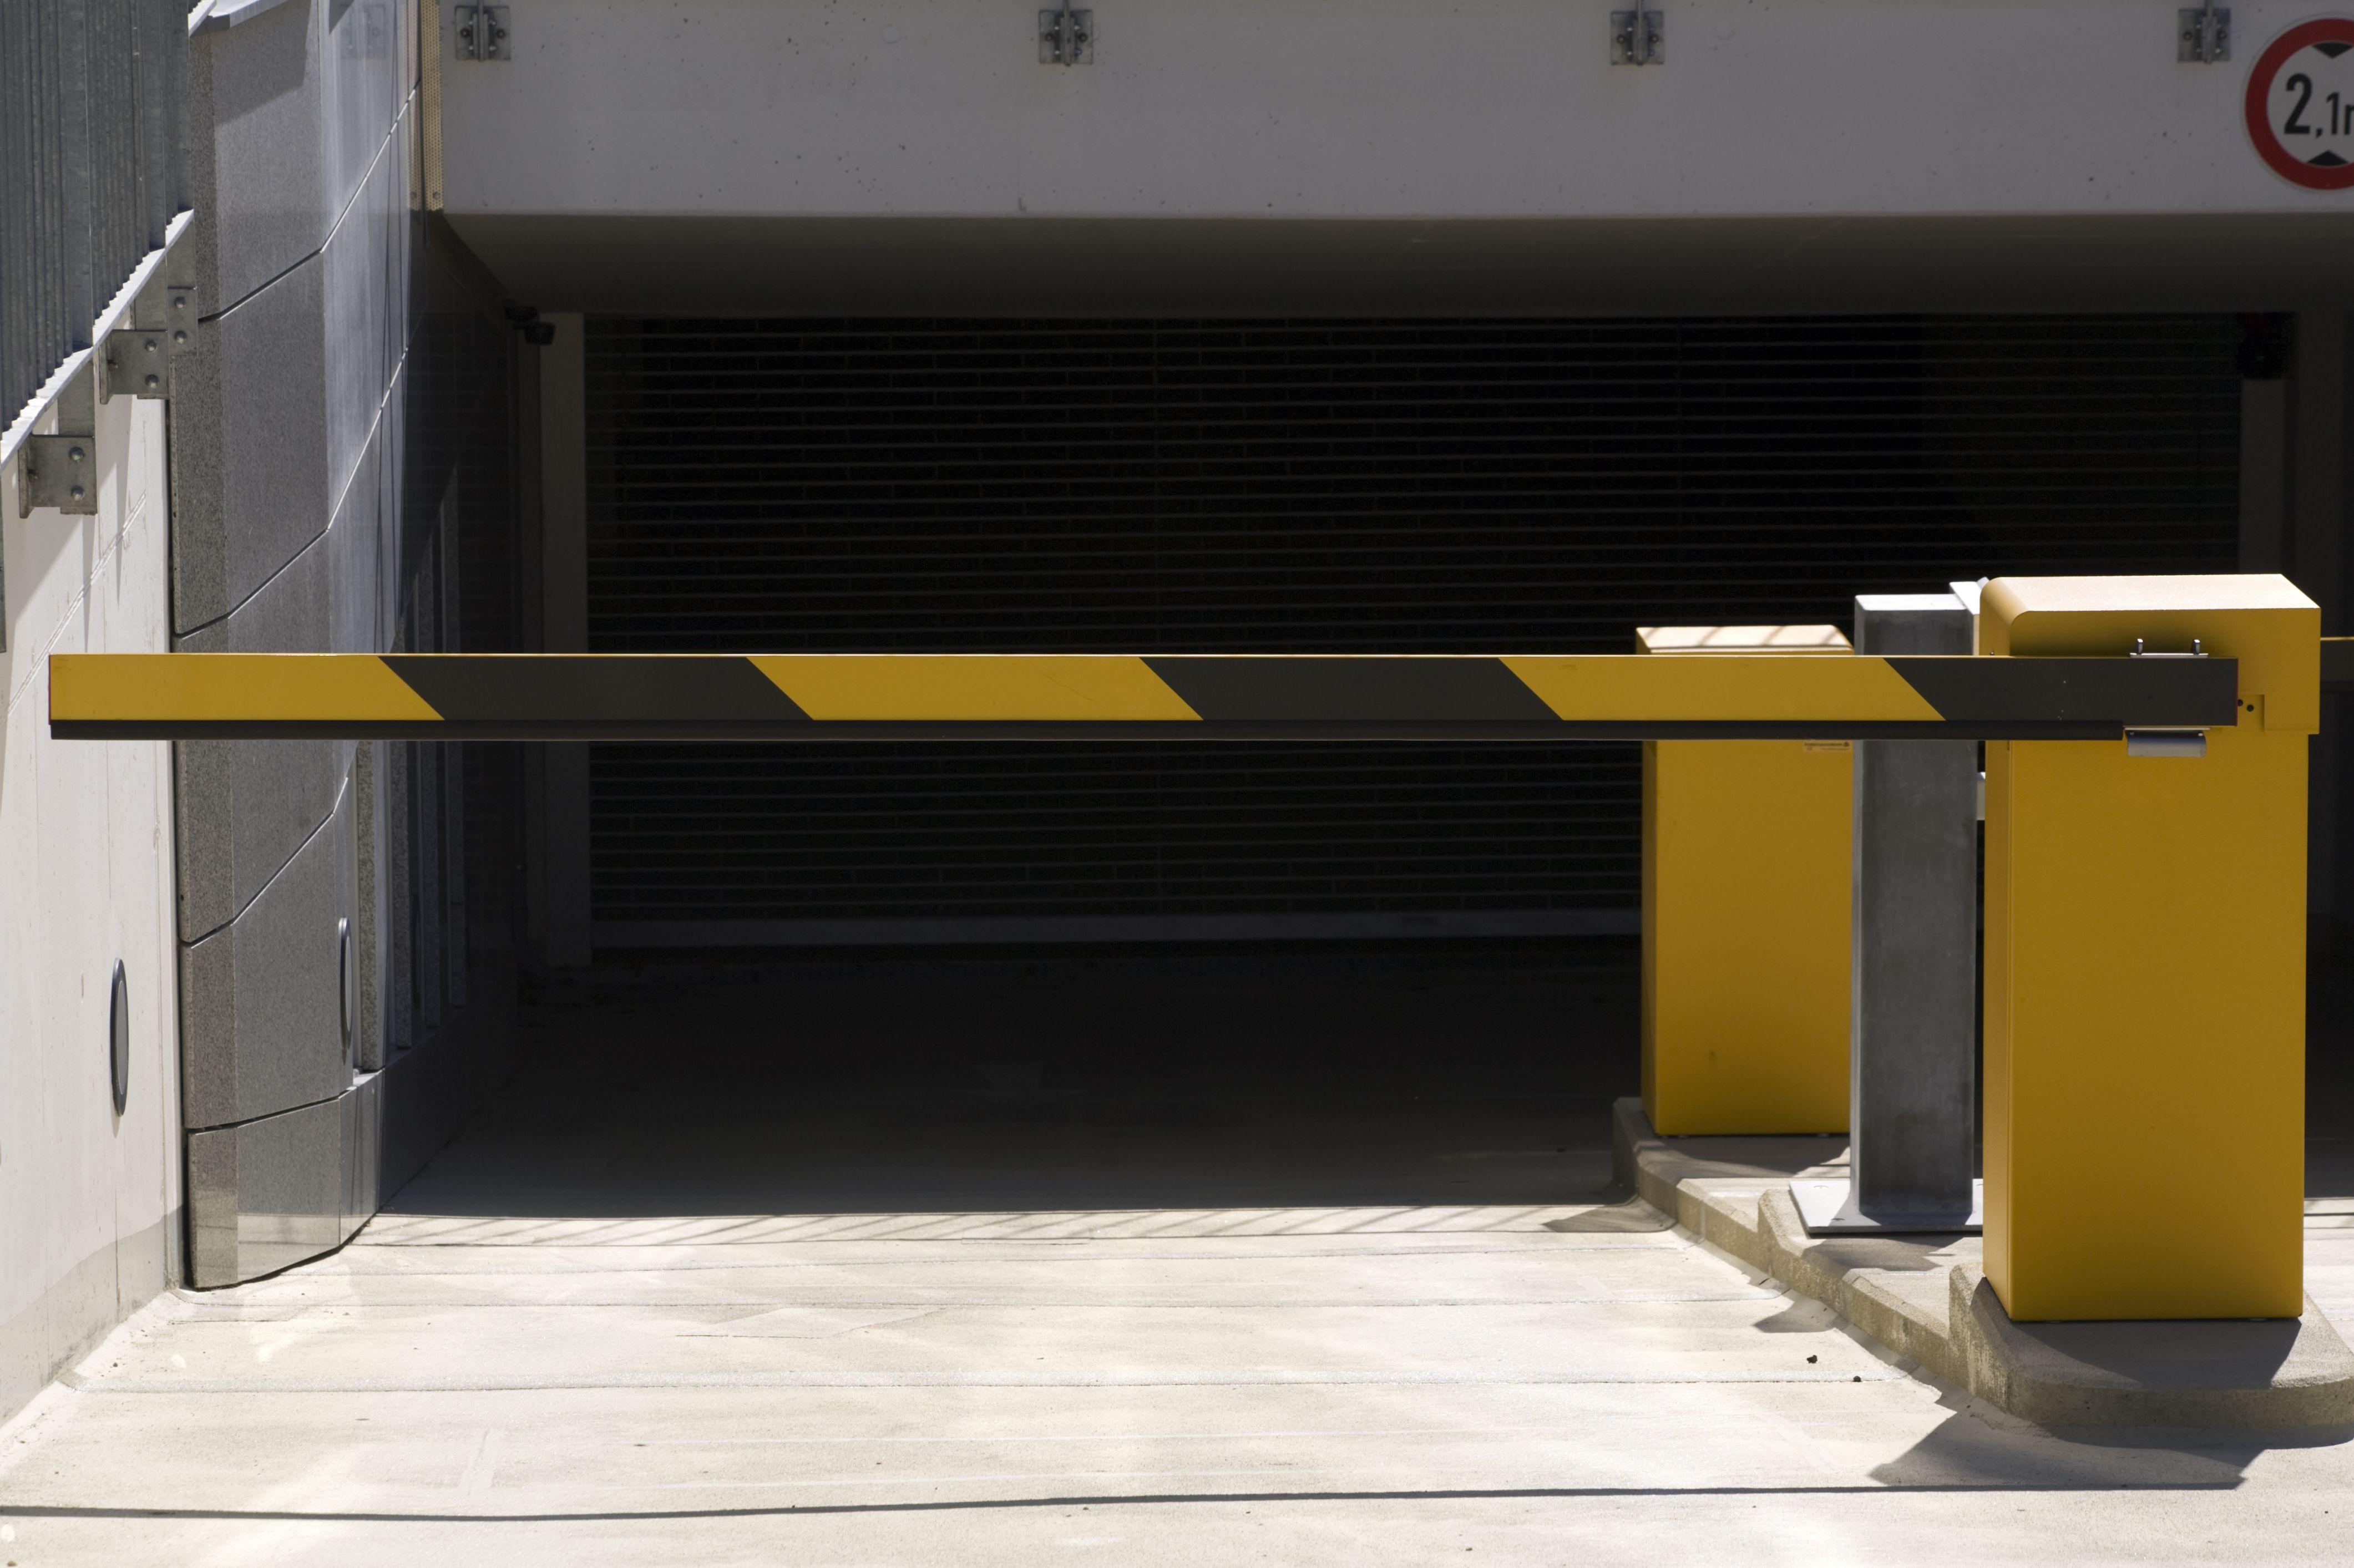 I Am Feeling Very Crafty And I Am Sure That One On Each Side Of My Garage Door Will Garage Door Opener Remote Chamberlain Garage Door Opener Steel Garage Doors